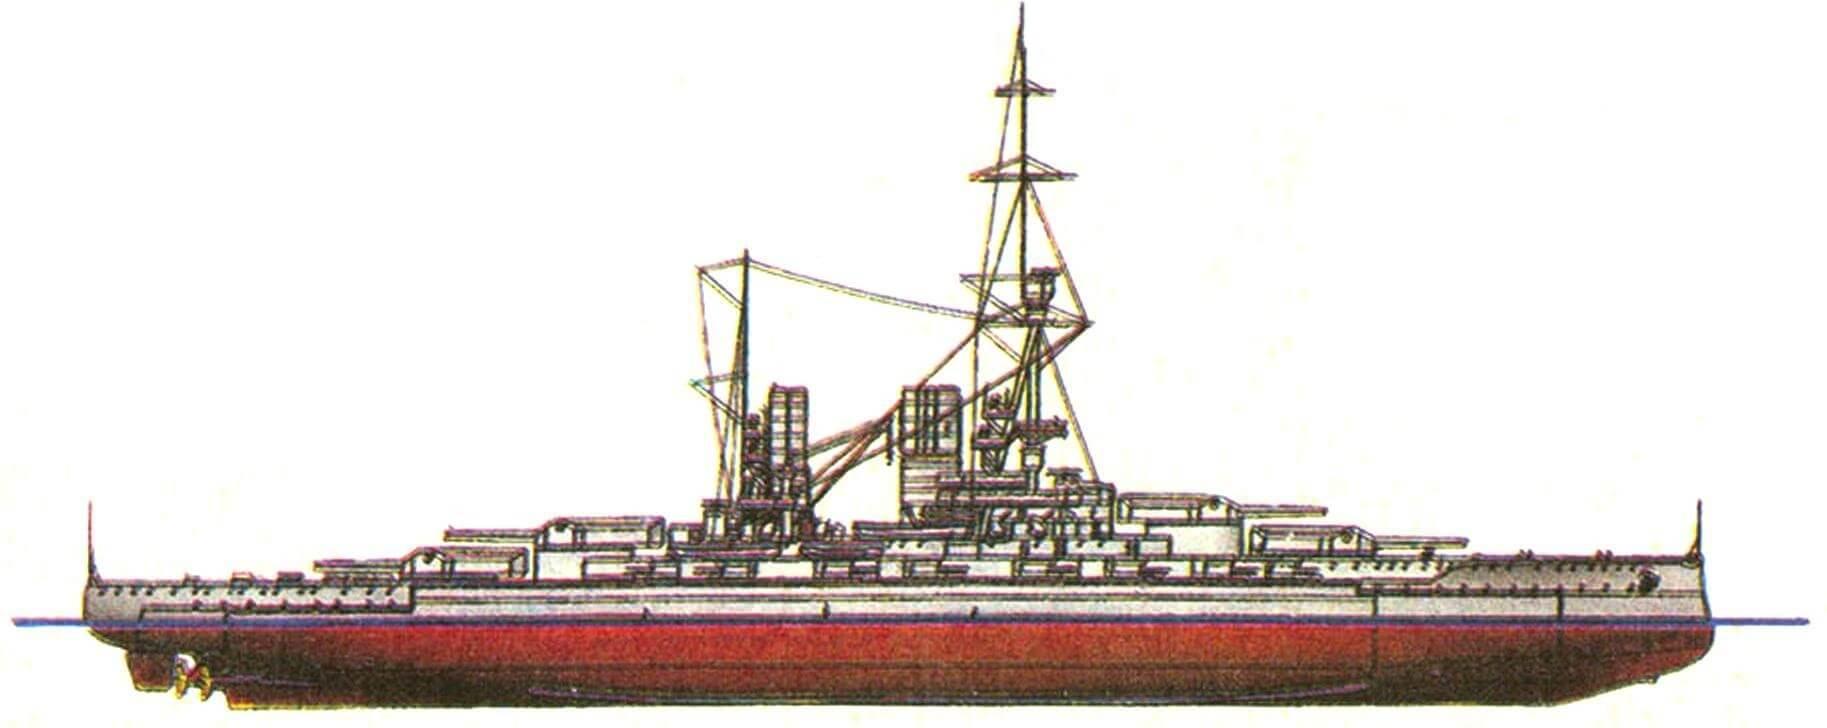 205. Линейный норабль «БАЙЕРН», Германия, 1916 г. Заложен в 1913 г., спущен на воду в 1915 г. Водоизмещение нормальное 28100 т, полное 31700 т, длина максимальная 179 м, ширина 30 м, осадка 9,4 м. Мощность трехвальной турбинной установки 48000 л.с., скорость 21,5 уз. Броня: главный пояс 350 мм, в оконечностях — 180—120 мм, верхний пояс 250 мм, казематы 170 мм, башни и барбеты 3,50 мм, палубы: 30+120...30 мм, рубка 350 мм. Вооружение: восемь 380-мм и шестнадцать 150-мм орудий, восемь 88-мм зениток. Всего заложено 4 единицы: «Байерн», «Баден» (1917 г.), «Заксен» и «Вюртемберг» (оба не закончены).